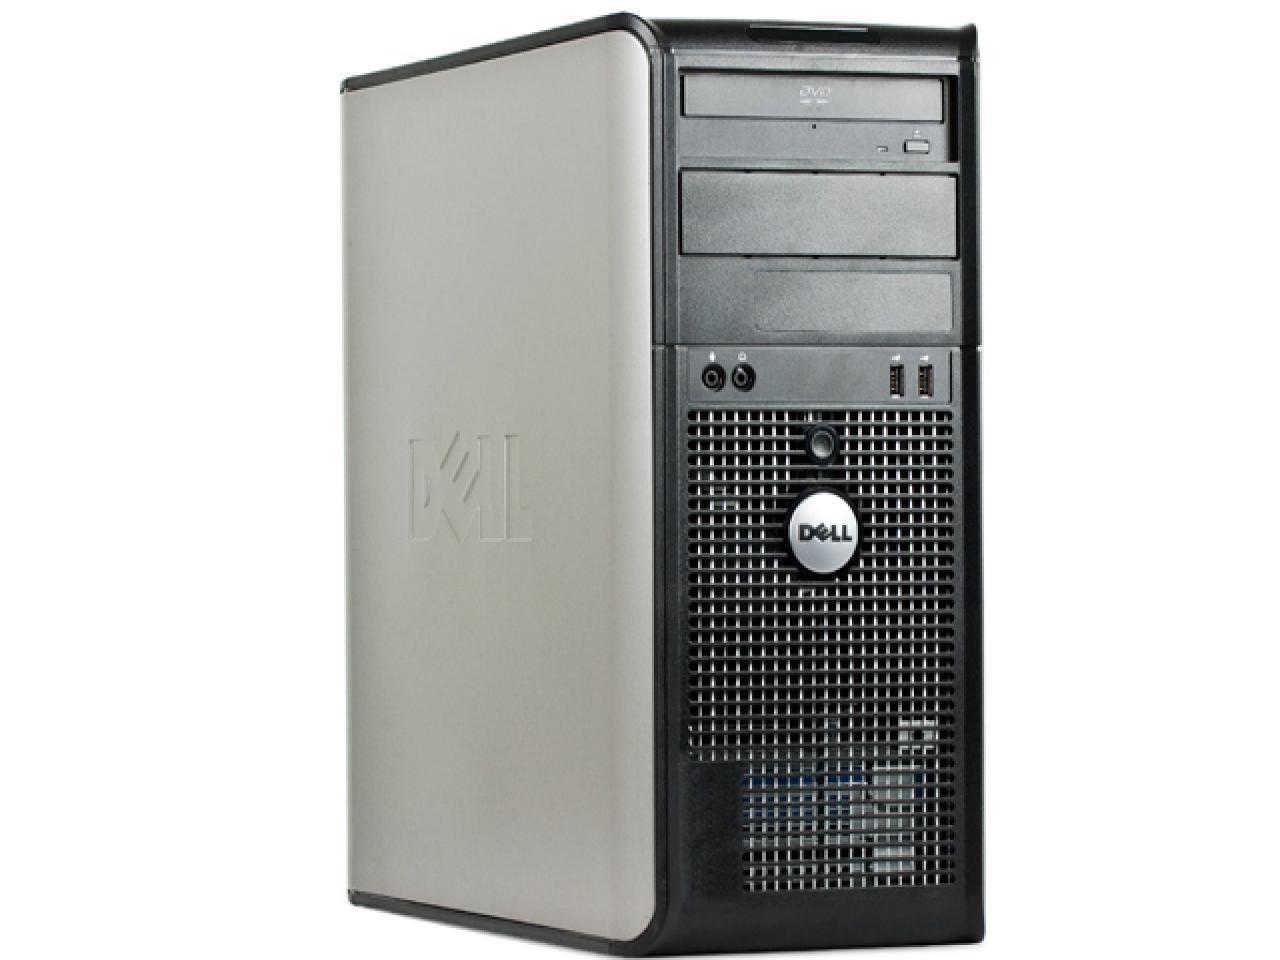 Dell OptiPlex 755 MT  - shop.bb-net.de